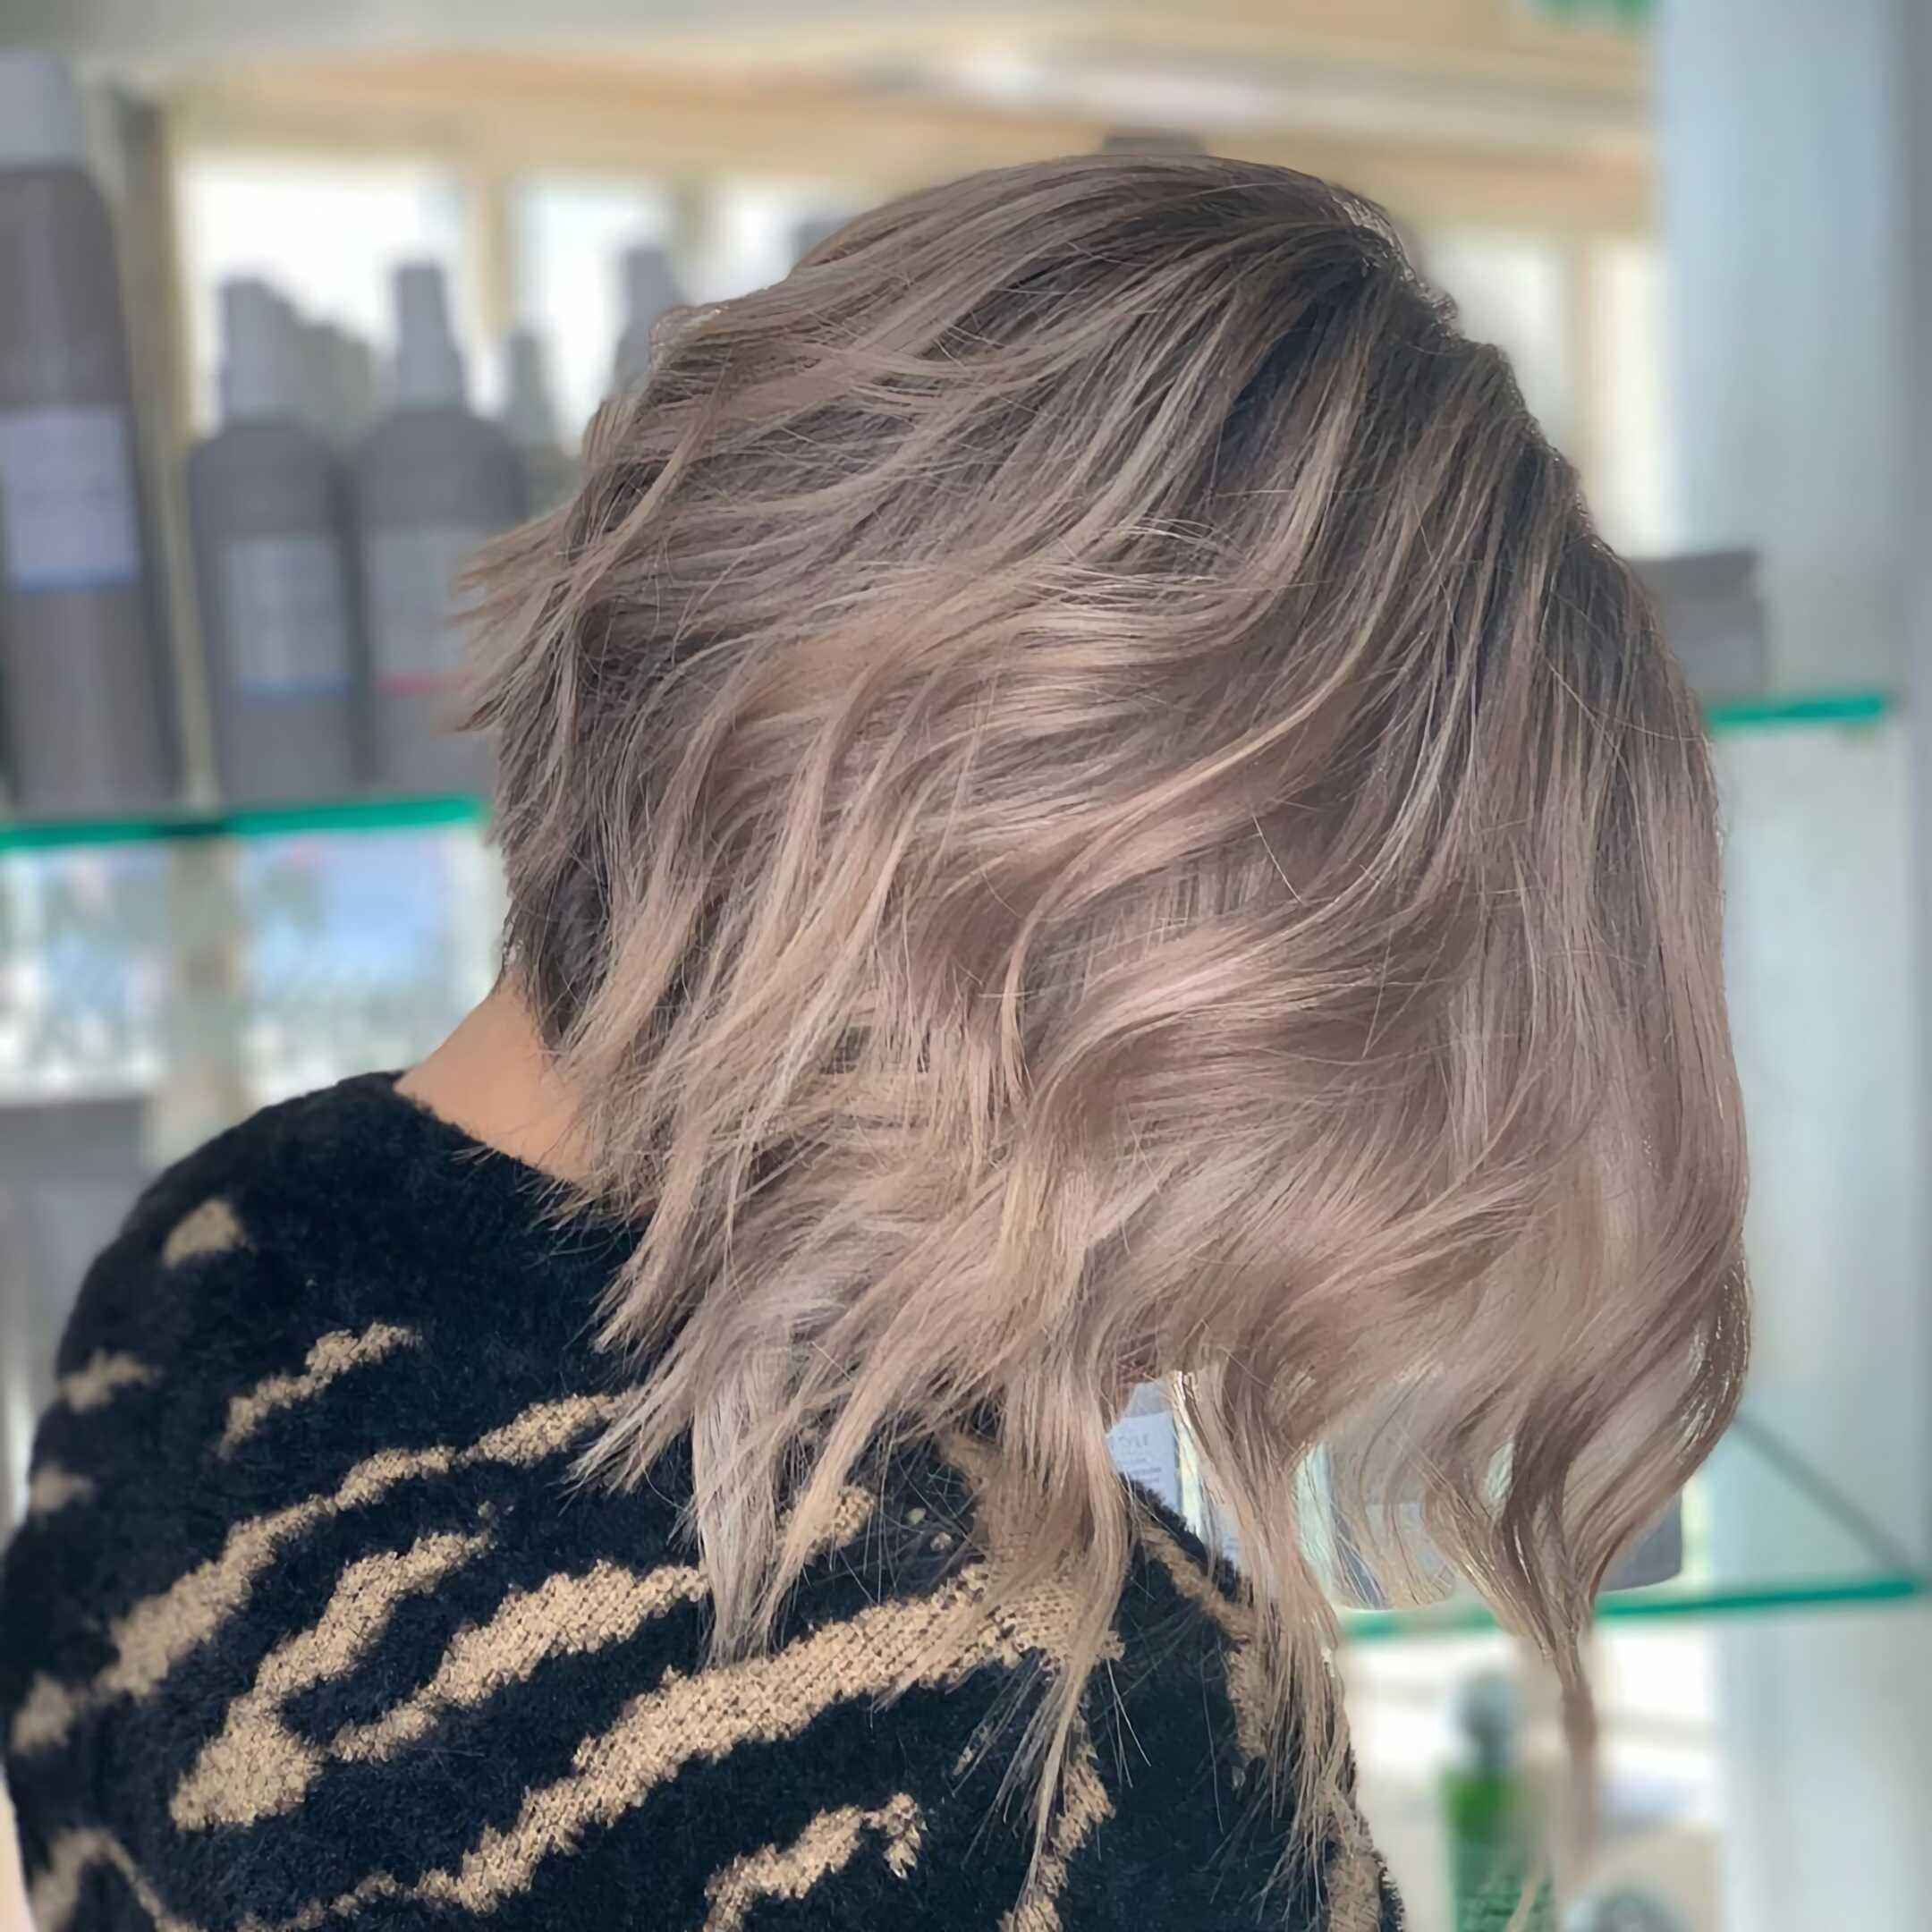 красивый градуированный боб на тонкие волосы